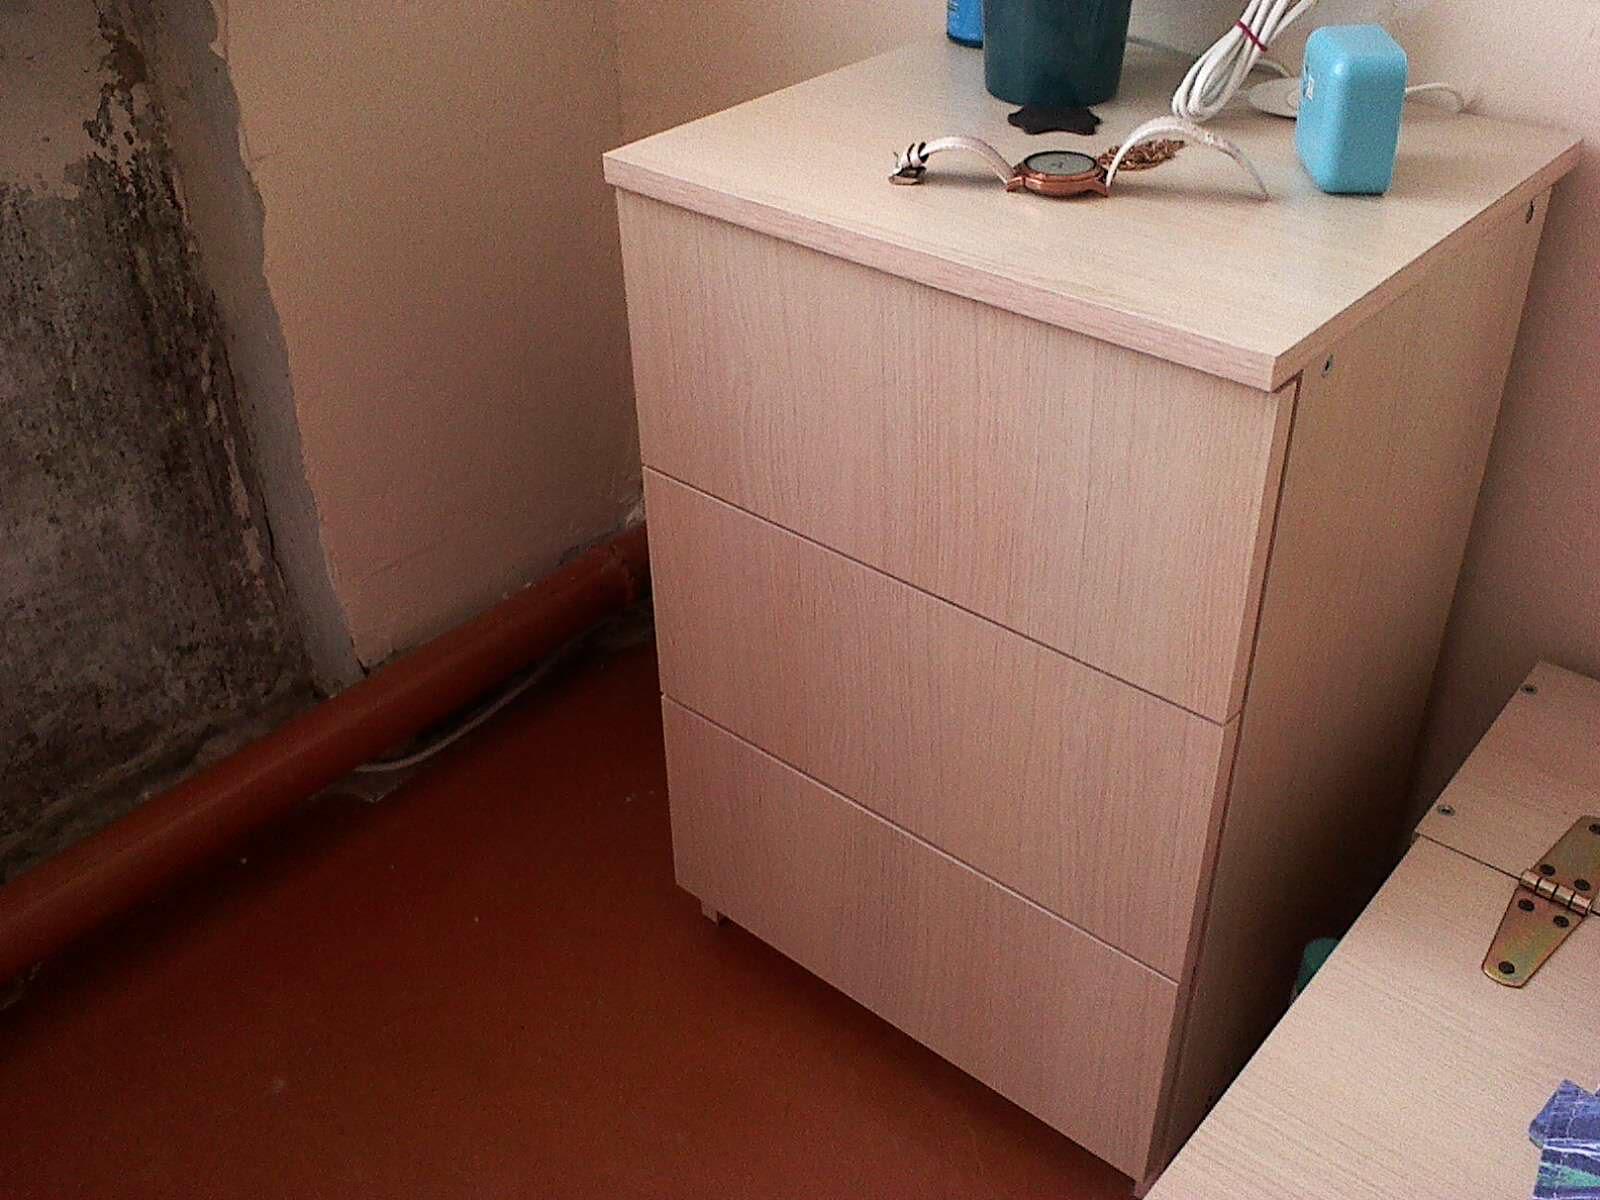 Как самому правильно рассчитать проект тумбочки или кухонного шкафа